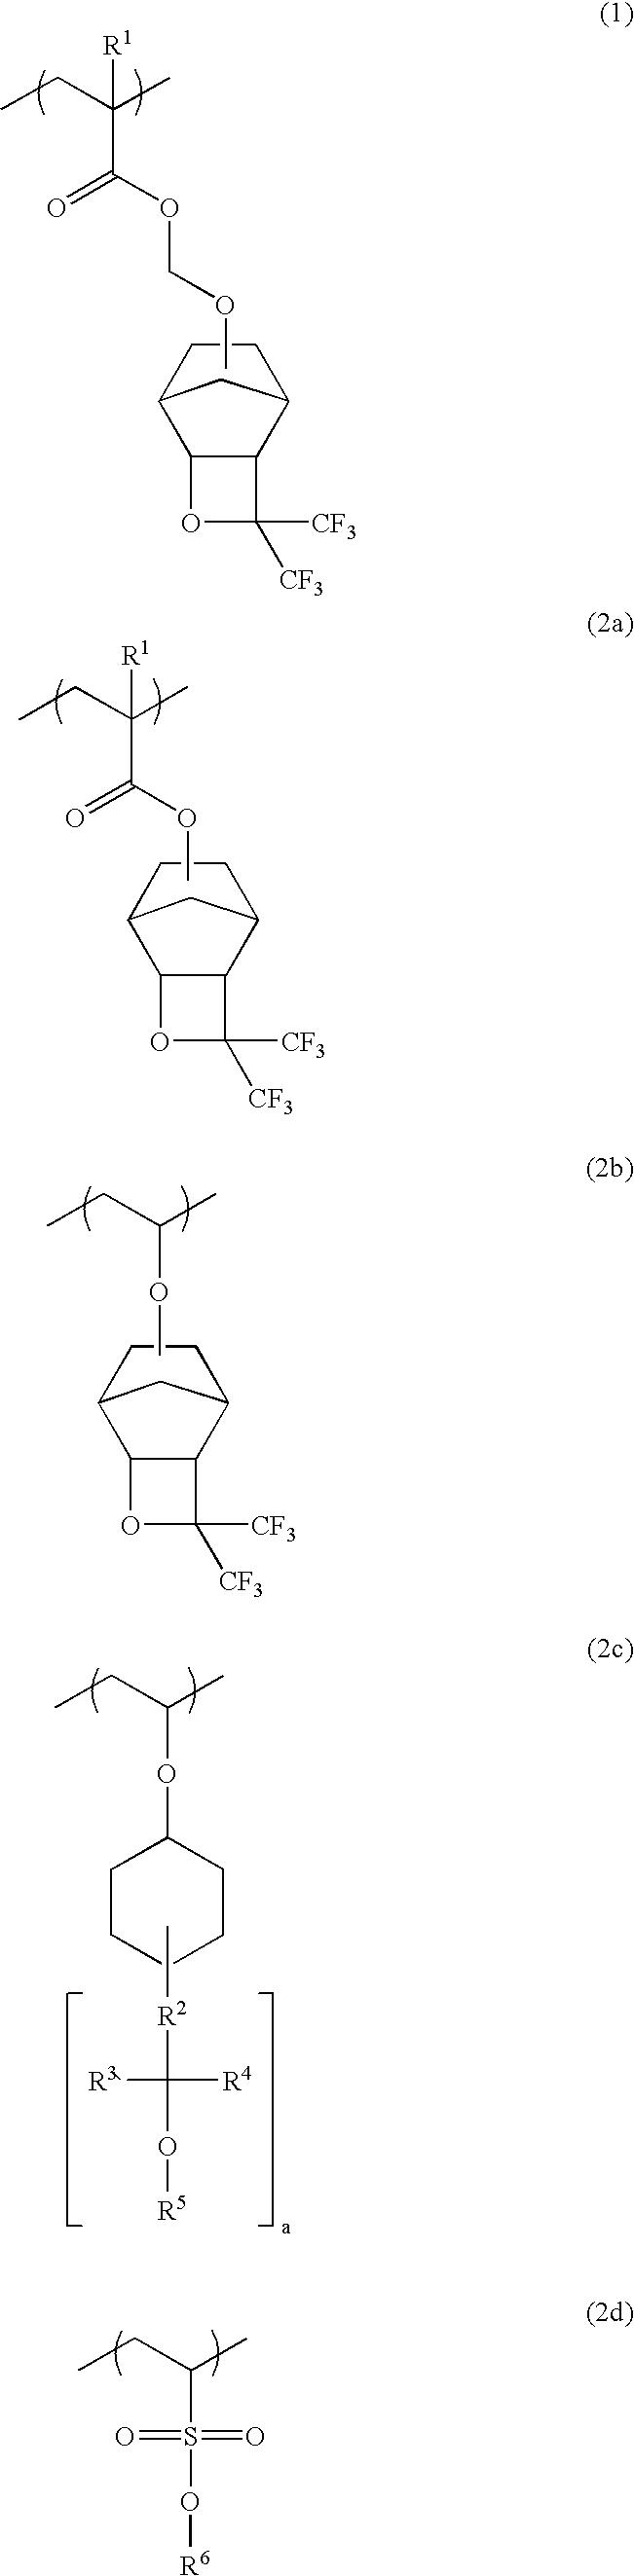 Figure US20050106499A1-20050519-C00002